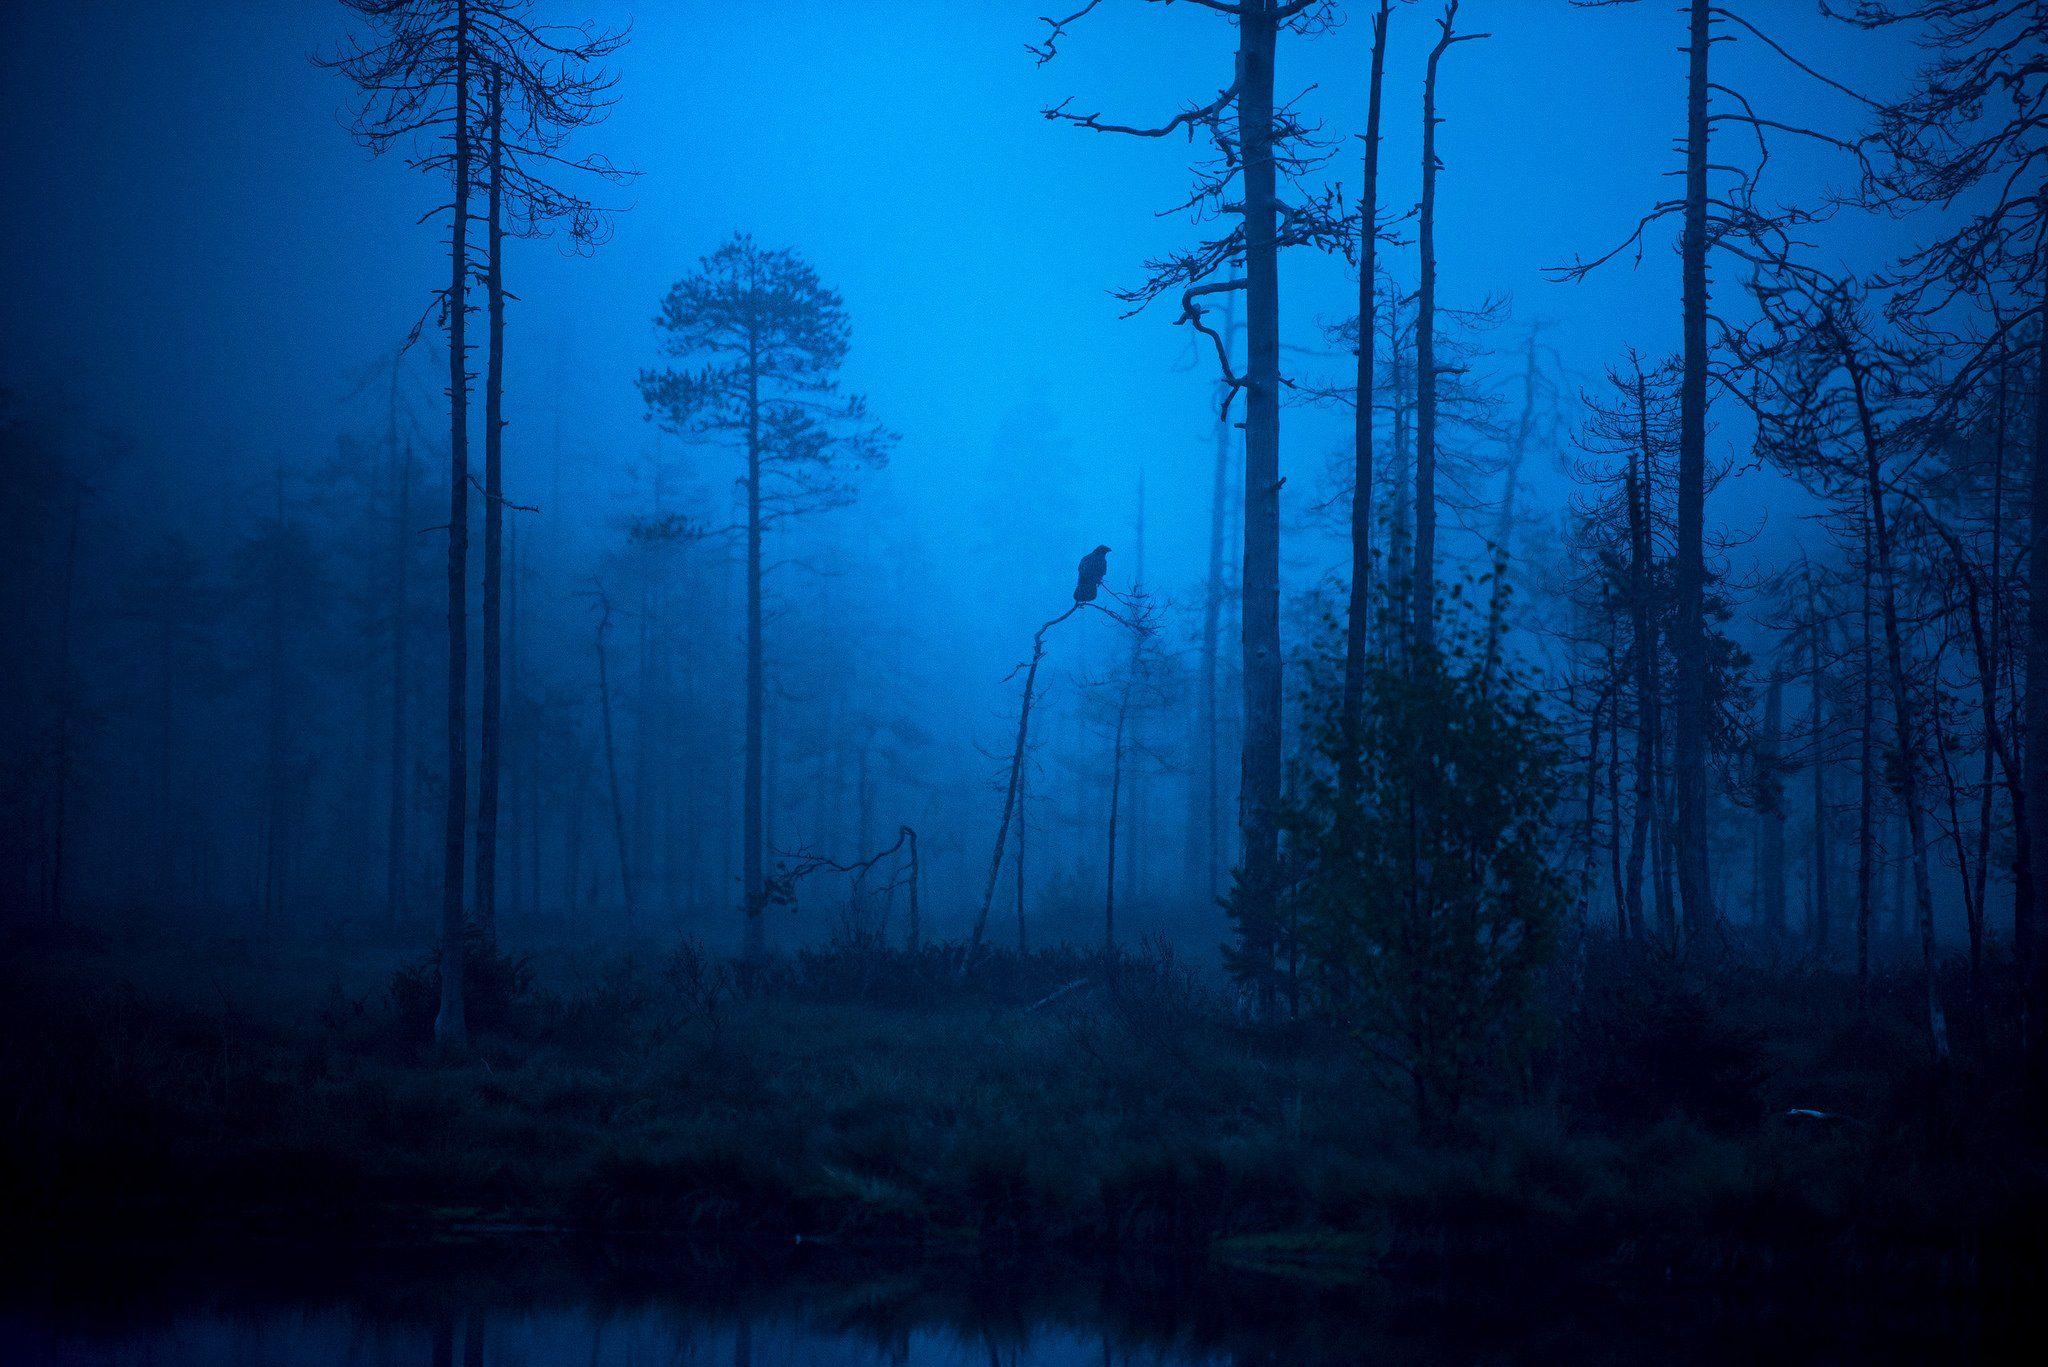 raven, morning, mist, finland, Jarkko Järvinen